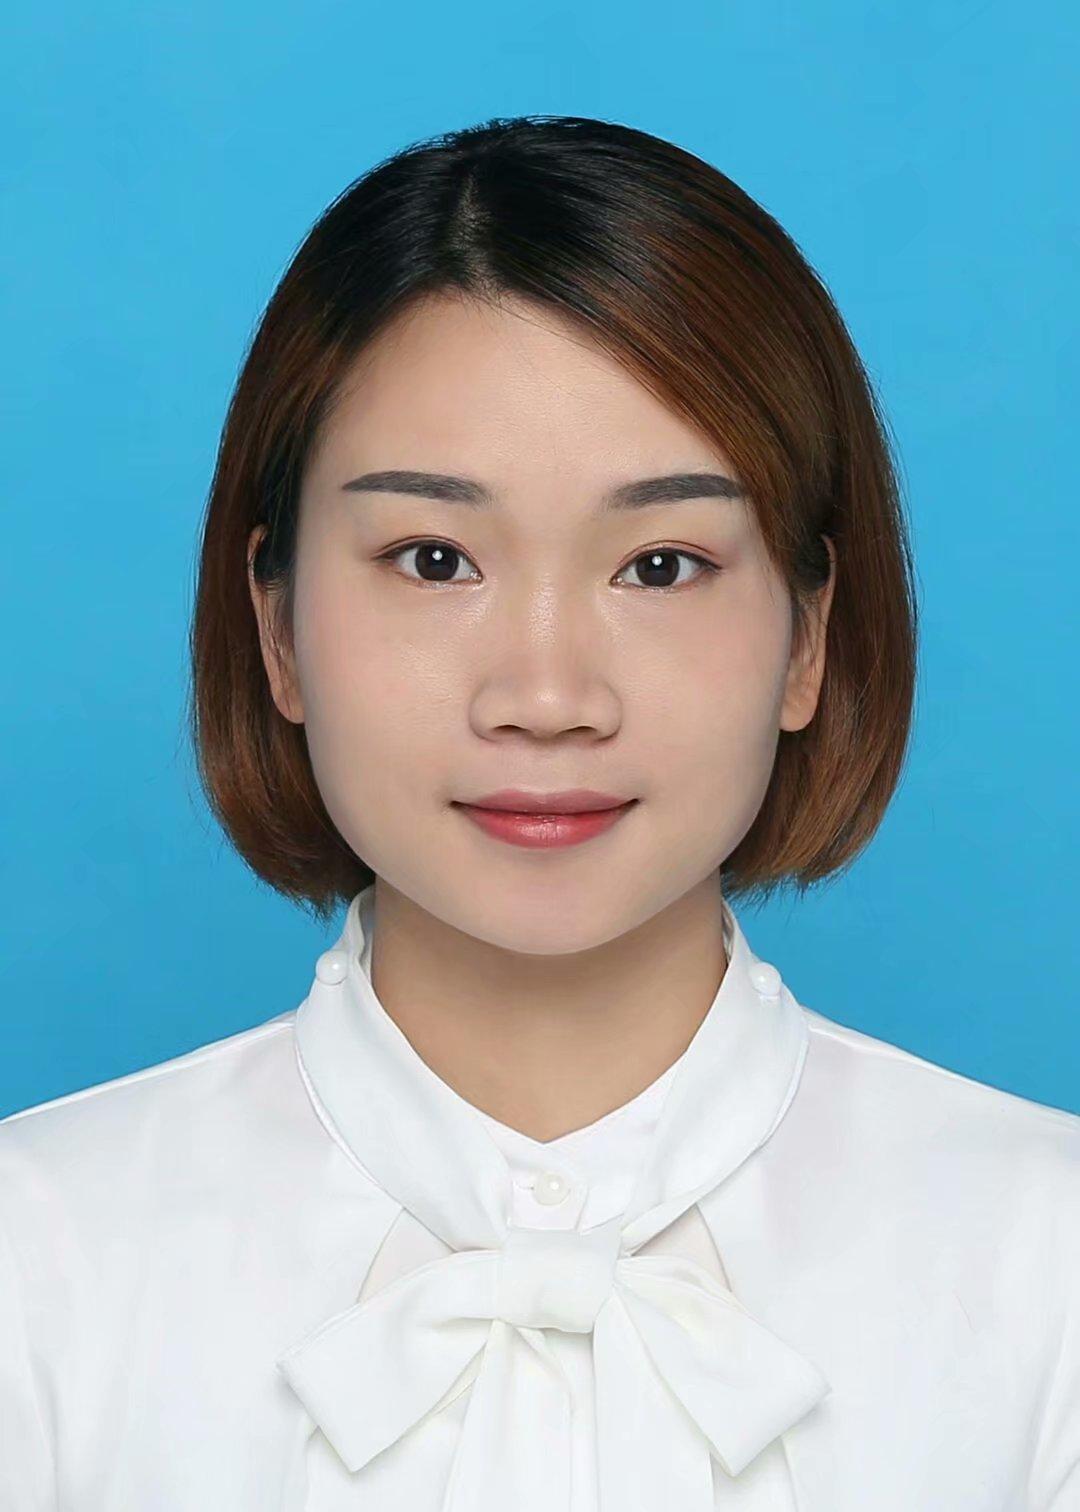 李媛的简历照片